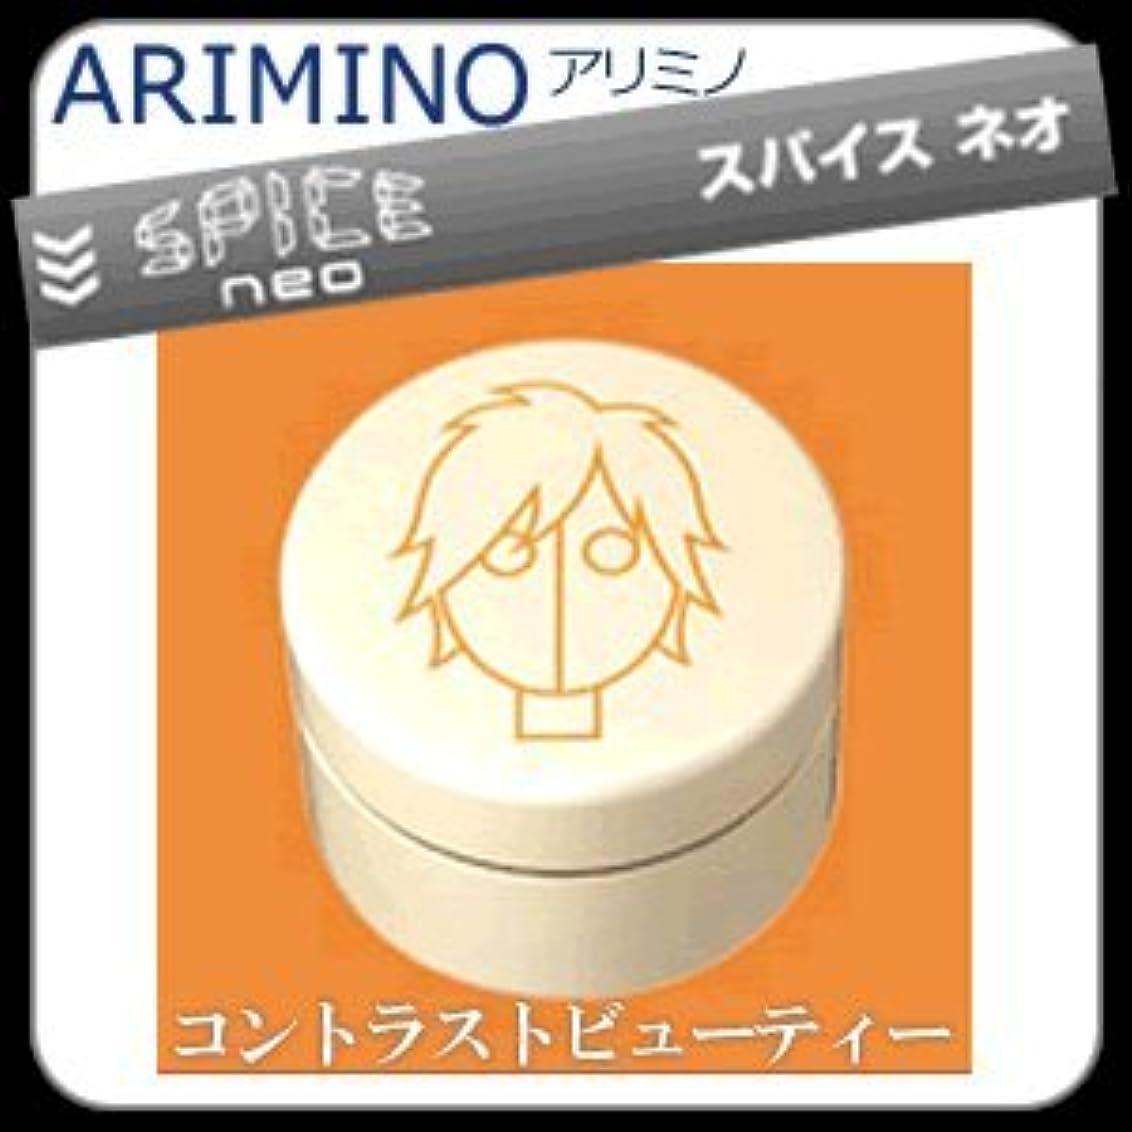 エジプト人許可頼む【X4個セット】 アリミノ スパイスネオ LIGHT HARD-WAX ライトハードワックス 100g ARIMINO SPICE neo